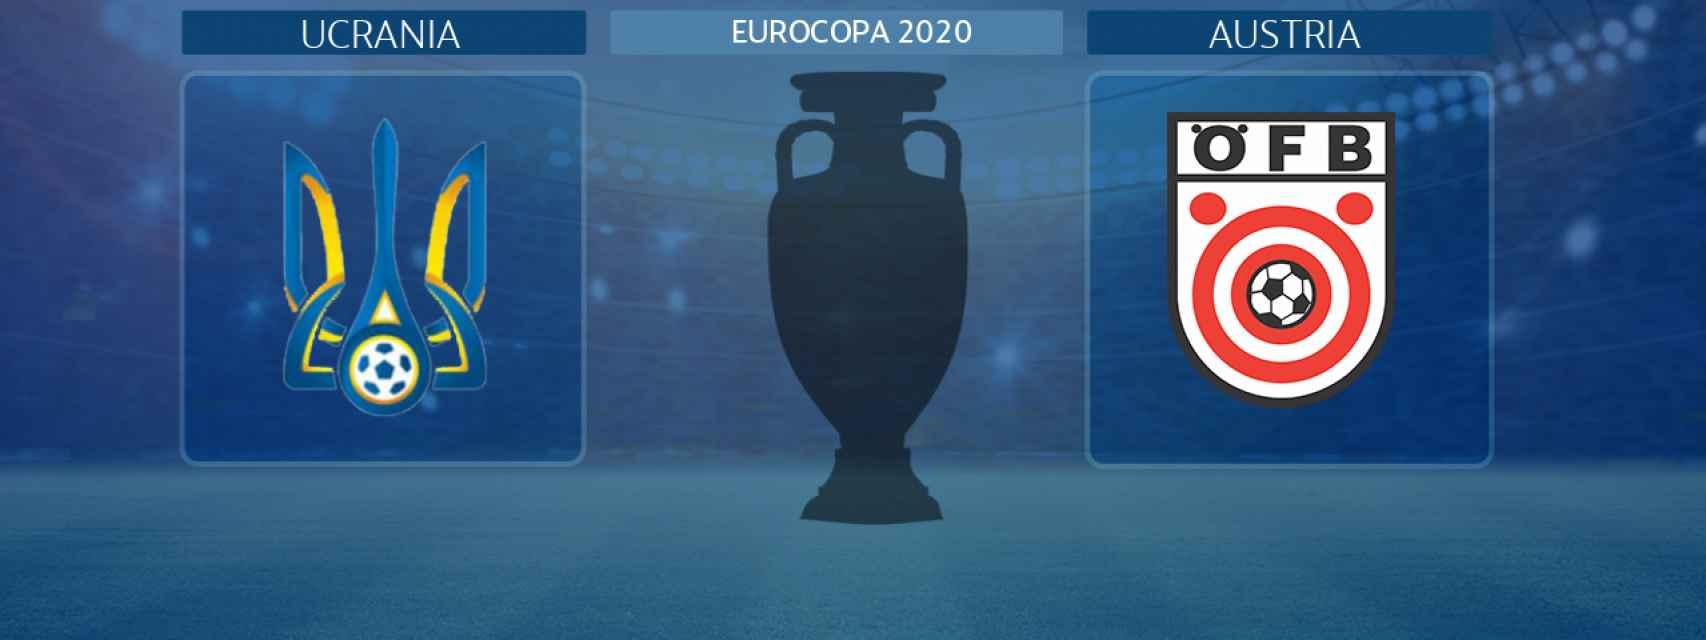 Ucrania - Austria, partido de la Eurocopa 2020